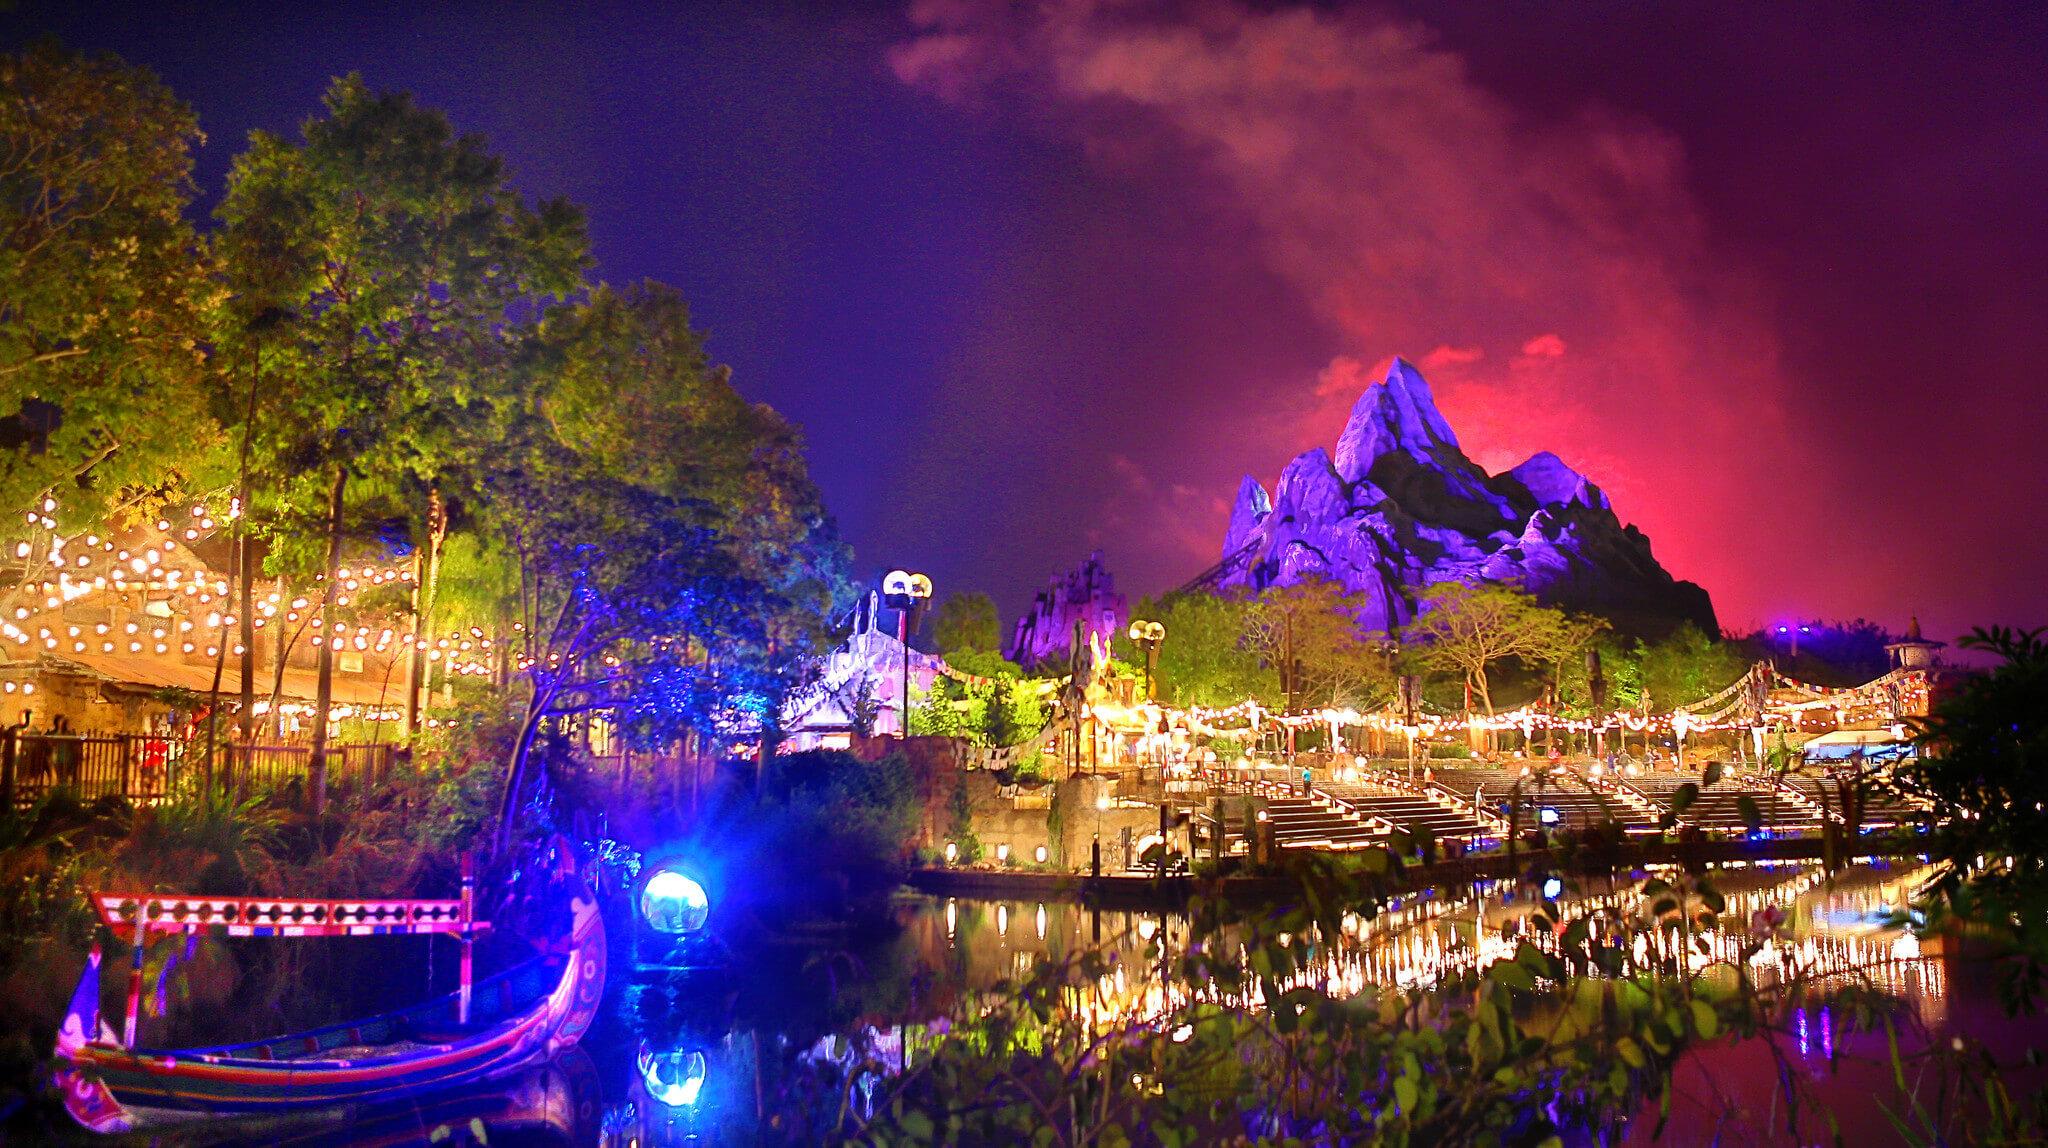 Noite no parque Animal Kingdom da Disney Orlando